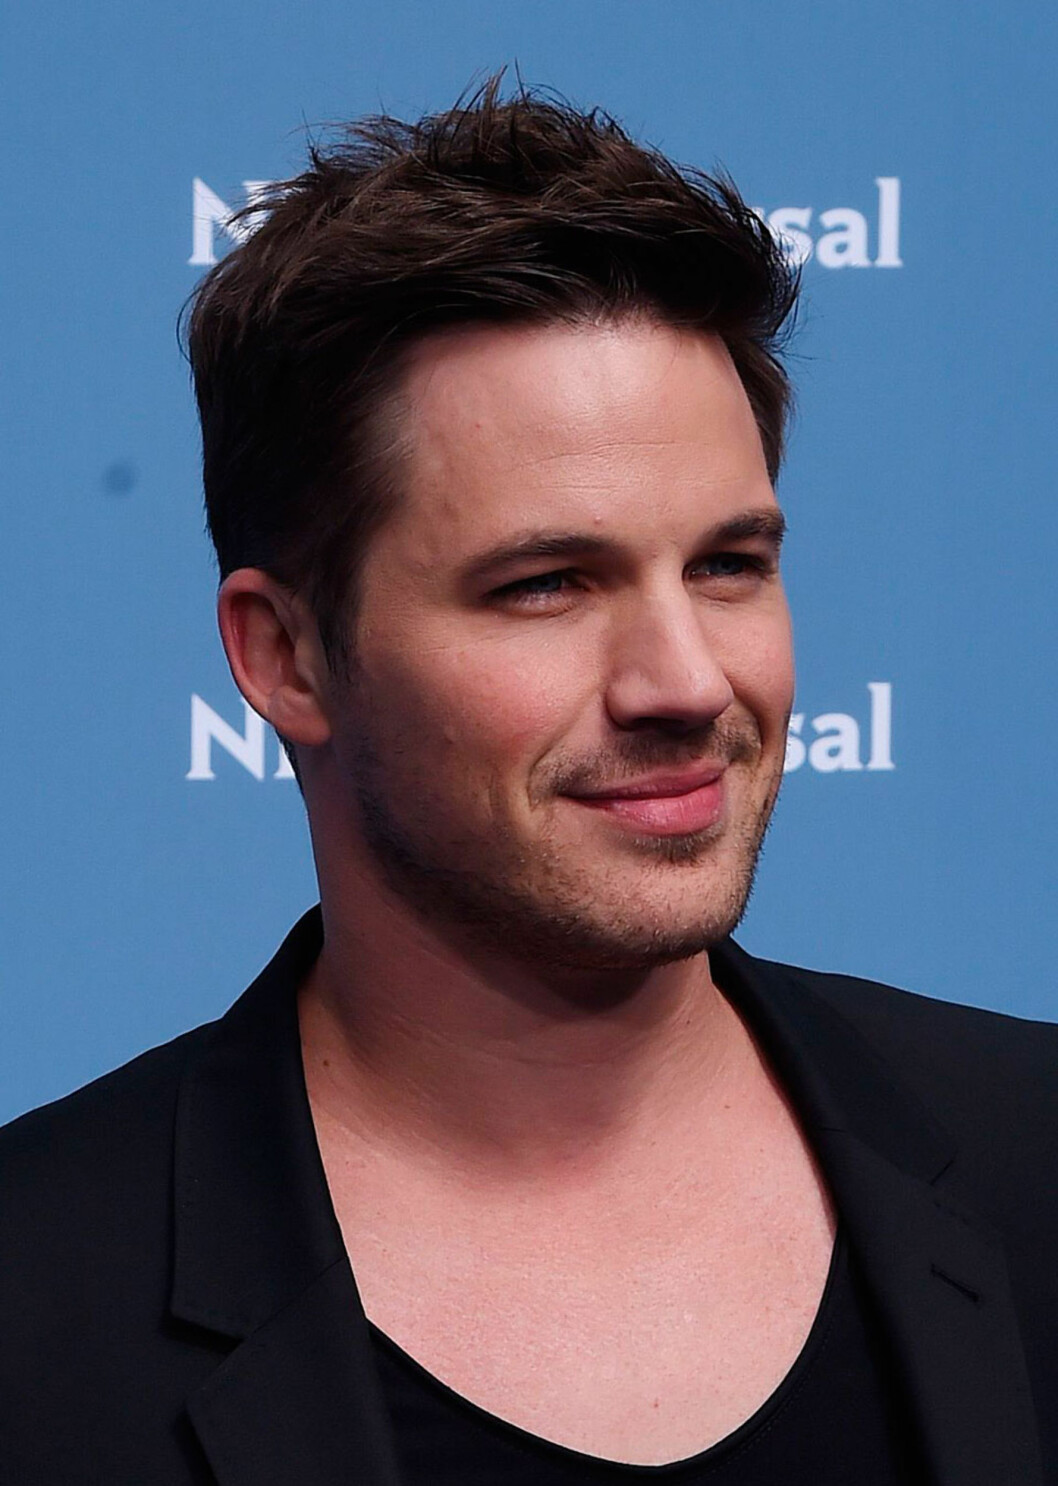 LIAM: Kjekkasen Matt Lanter spiller rollefiguren Liam i TV-serien 90210. Navnet har blitt mer populært i Norge. Foto: NTB scanpix /Stephen Lovekin, Shutterstock